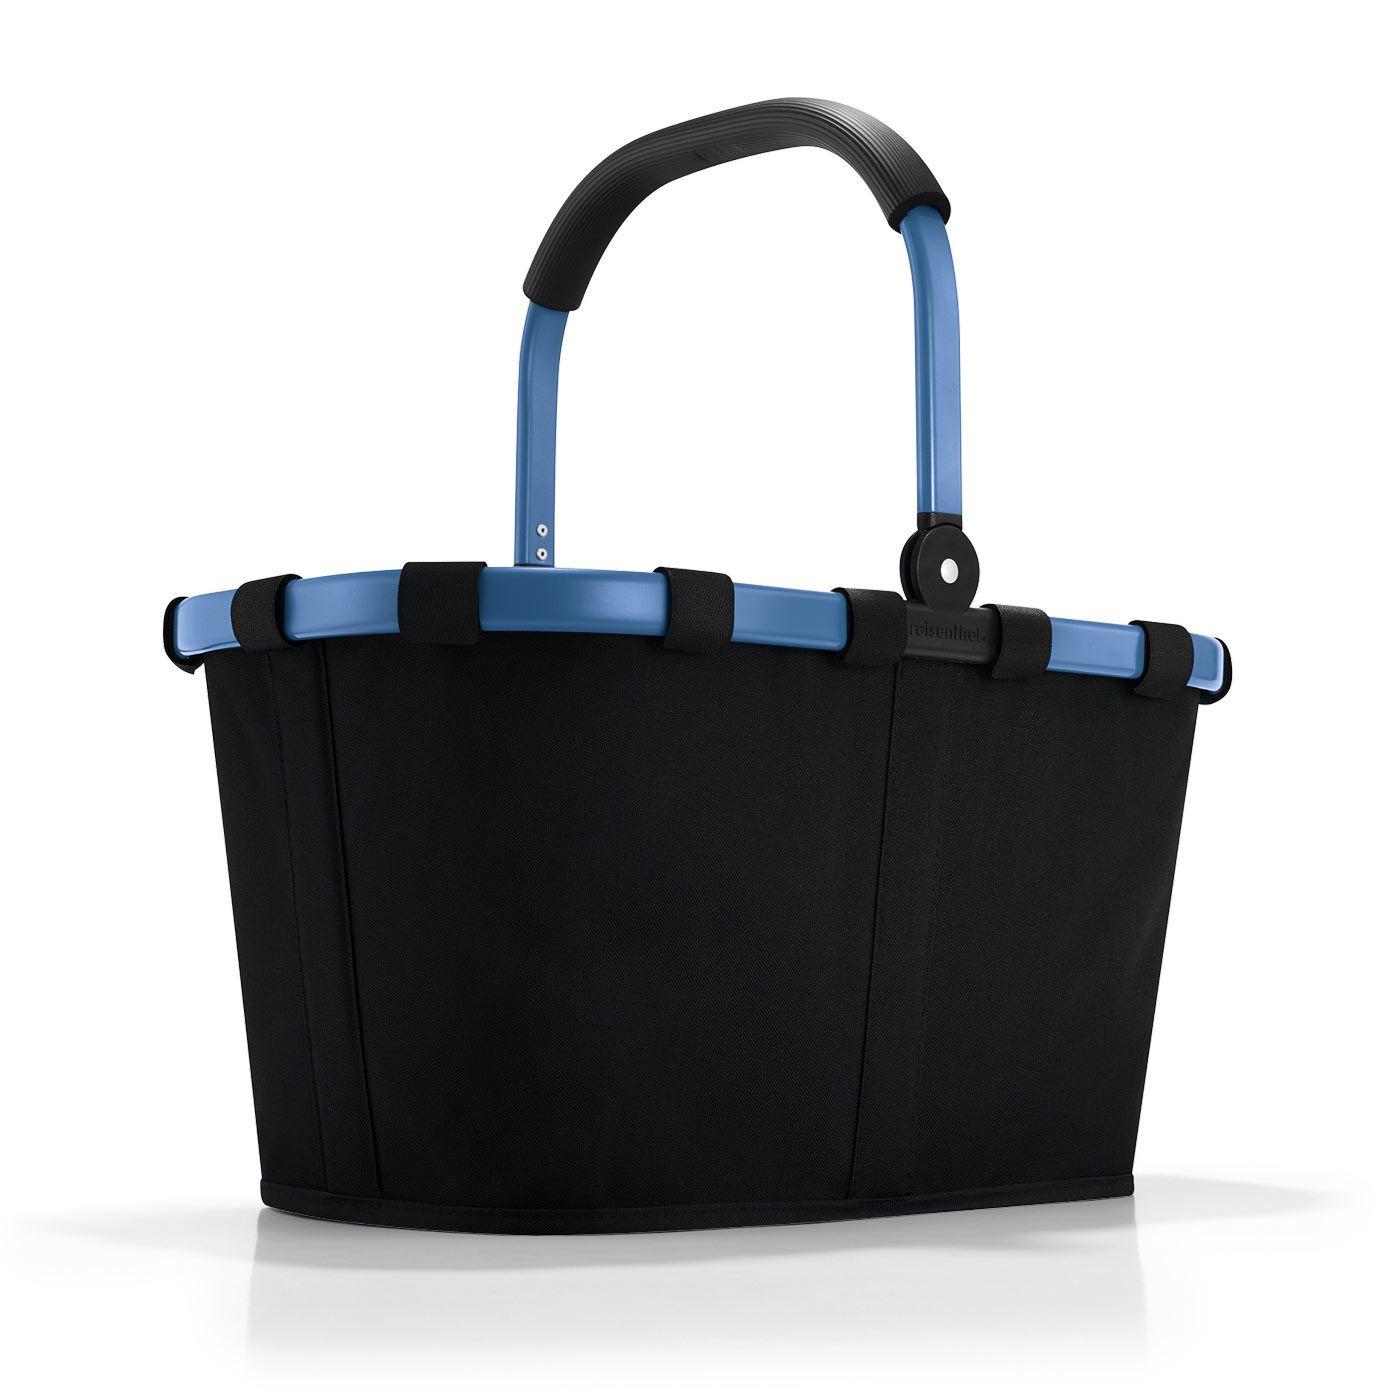 carrybag by Reisenthel spots green BK5039 Einkaufskorb Einkaufstasche